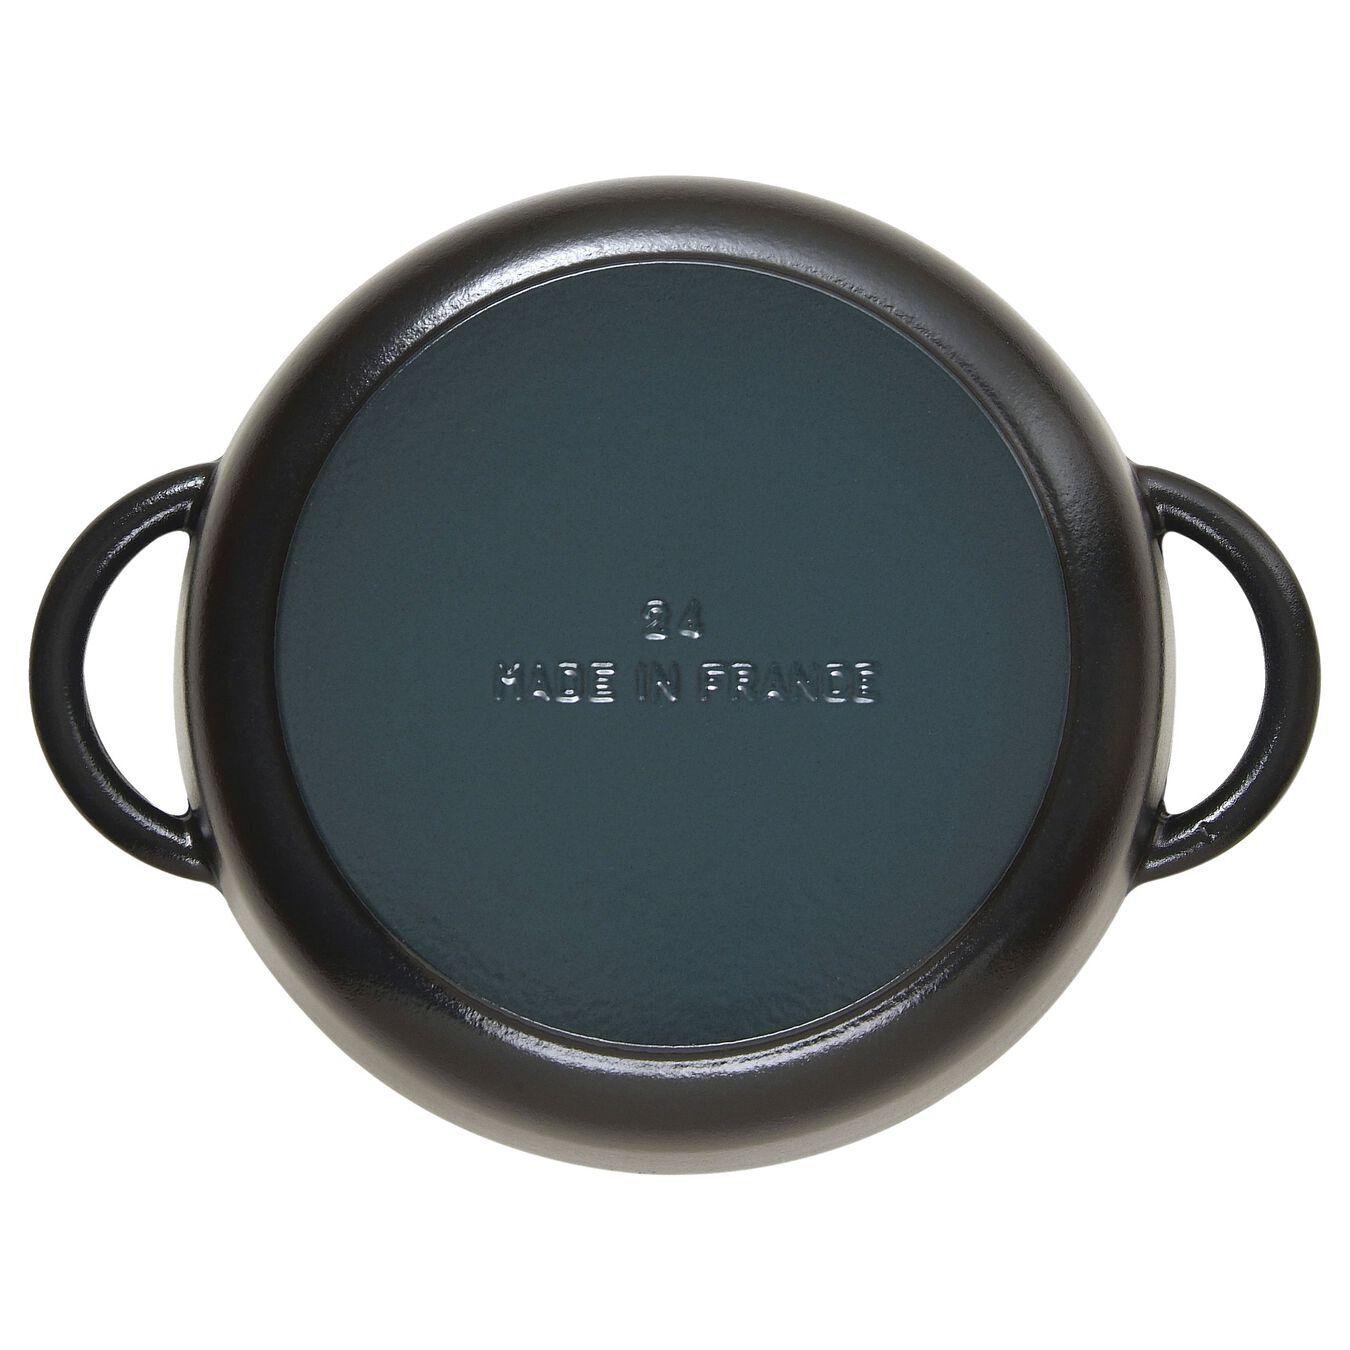 Sauteuse avec couvercle en verre 24 cm,,large 4